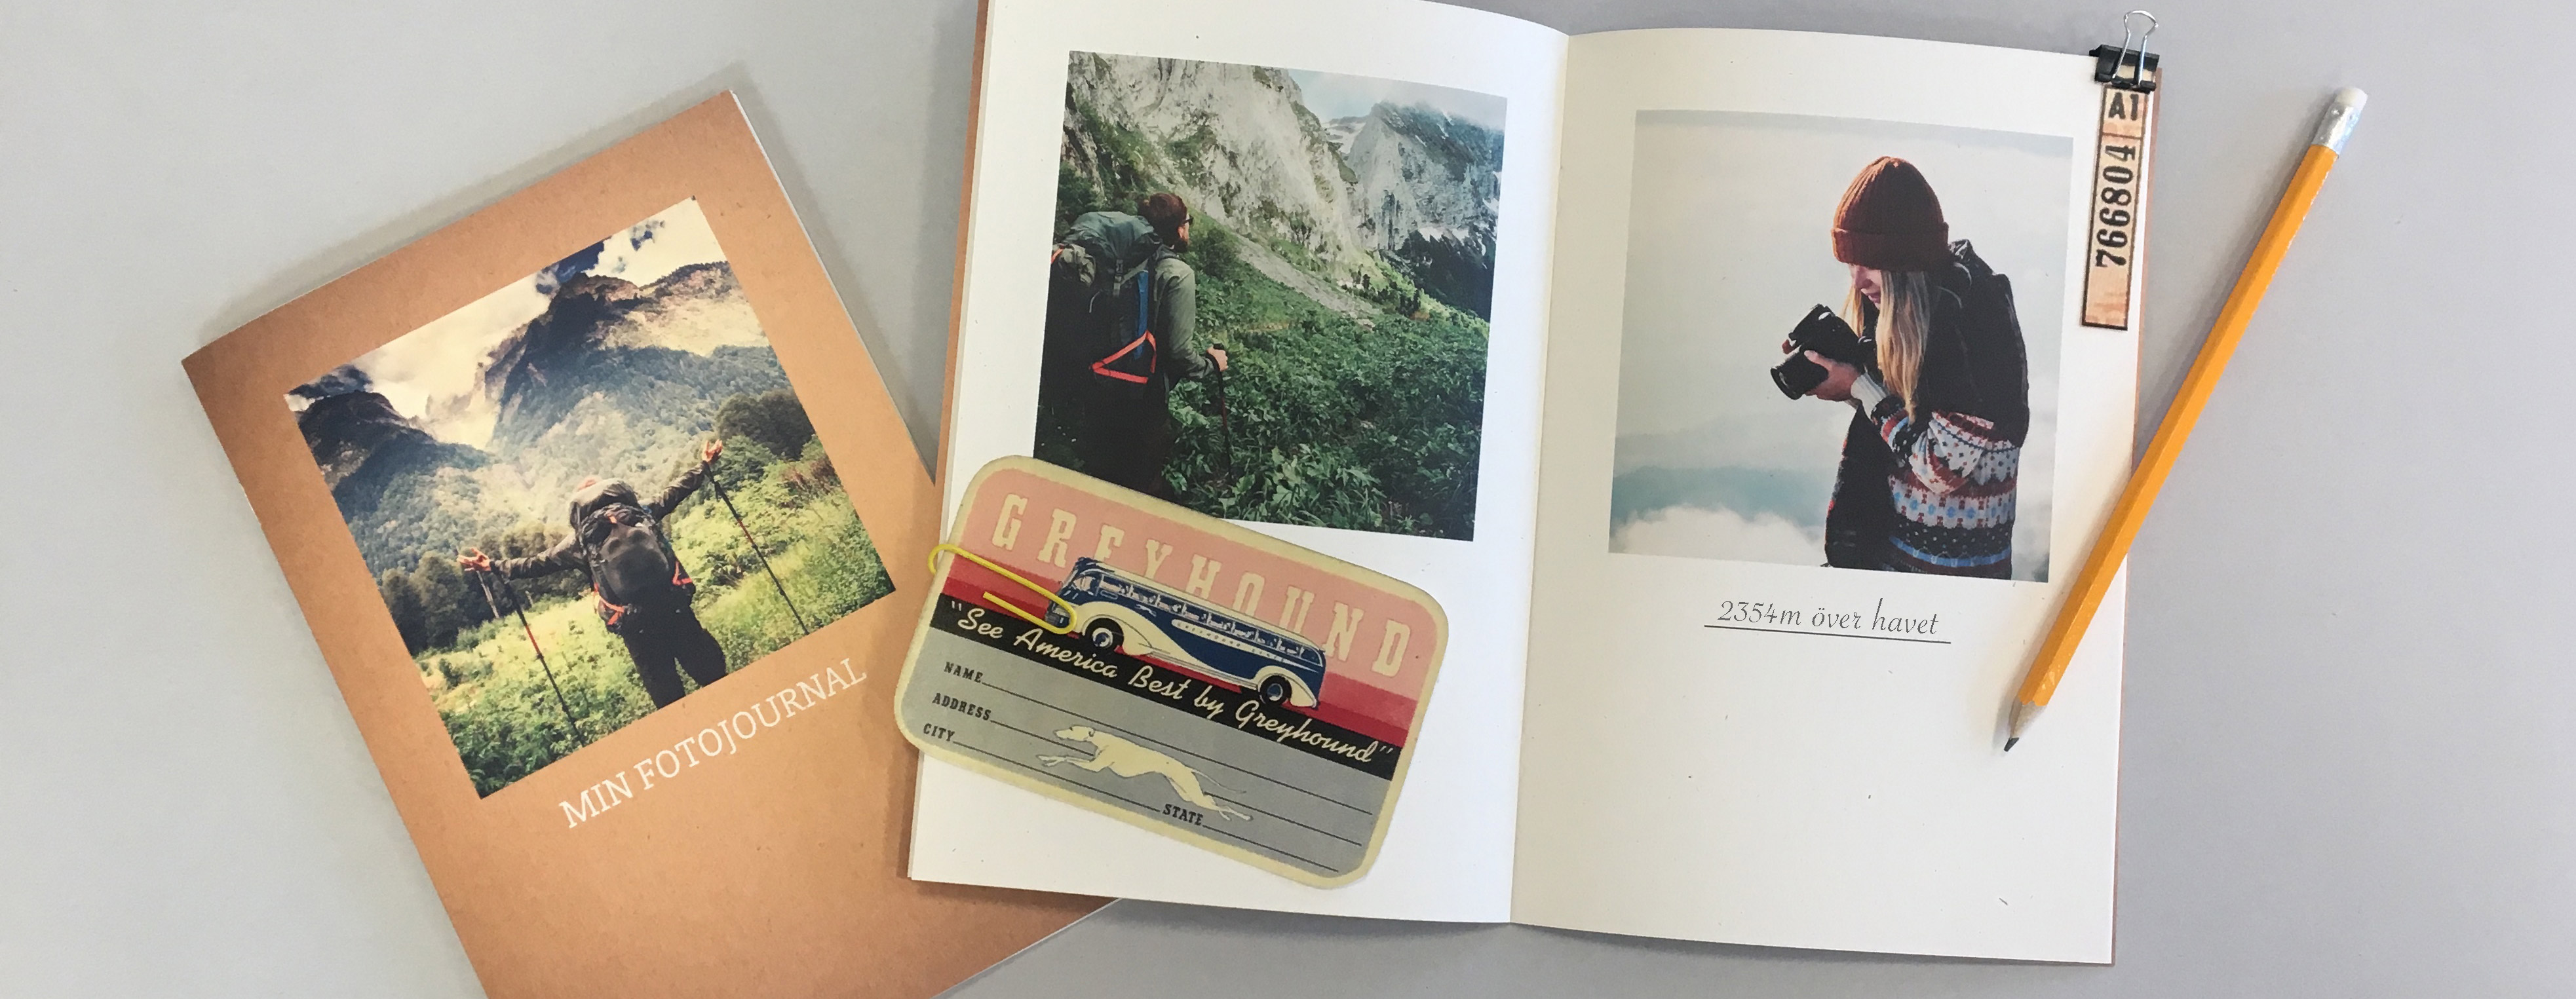 Skapa en scrapbook med egna foton